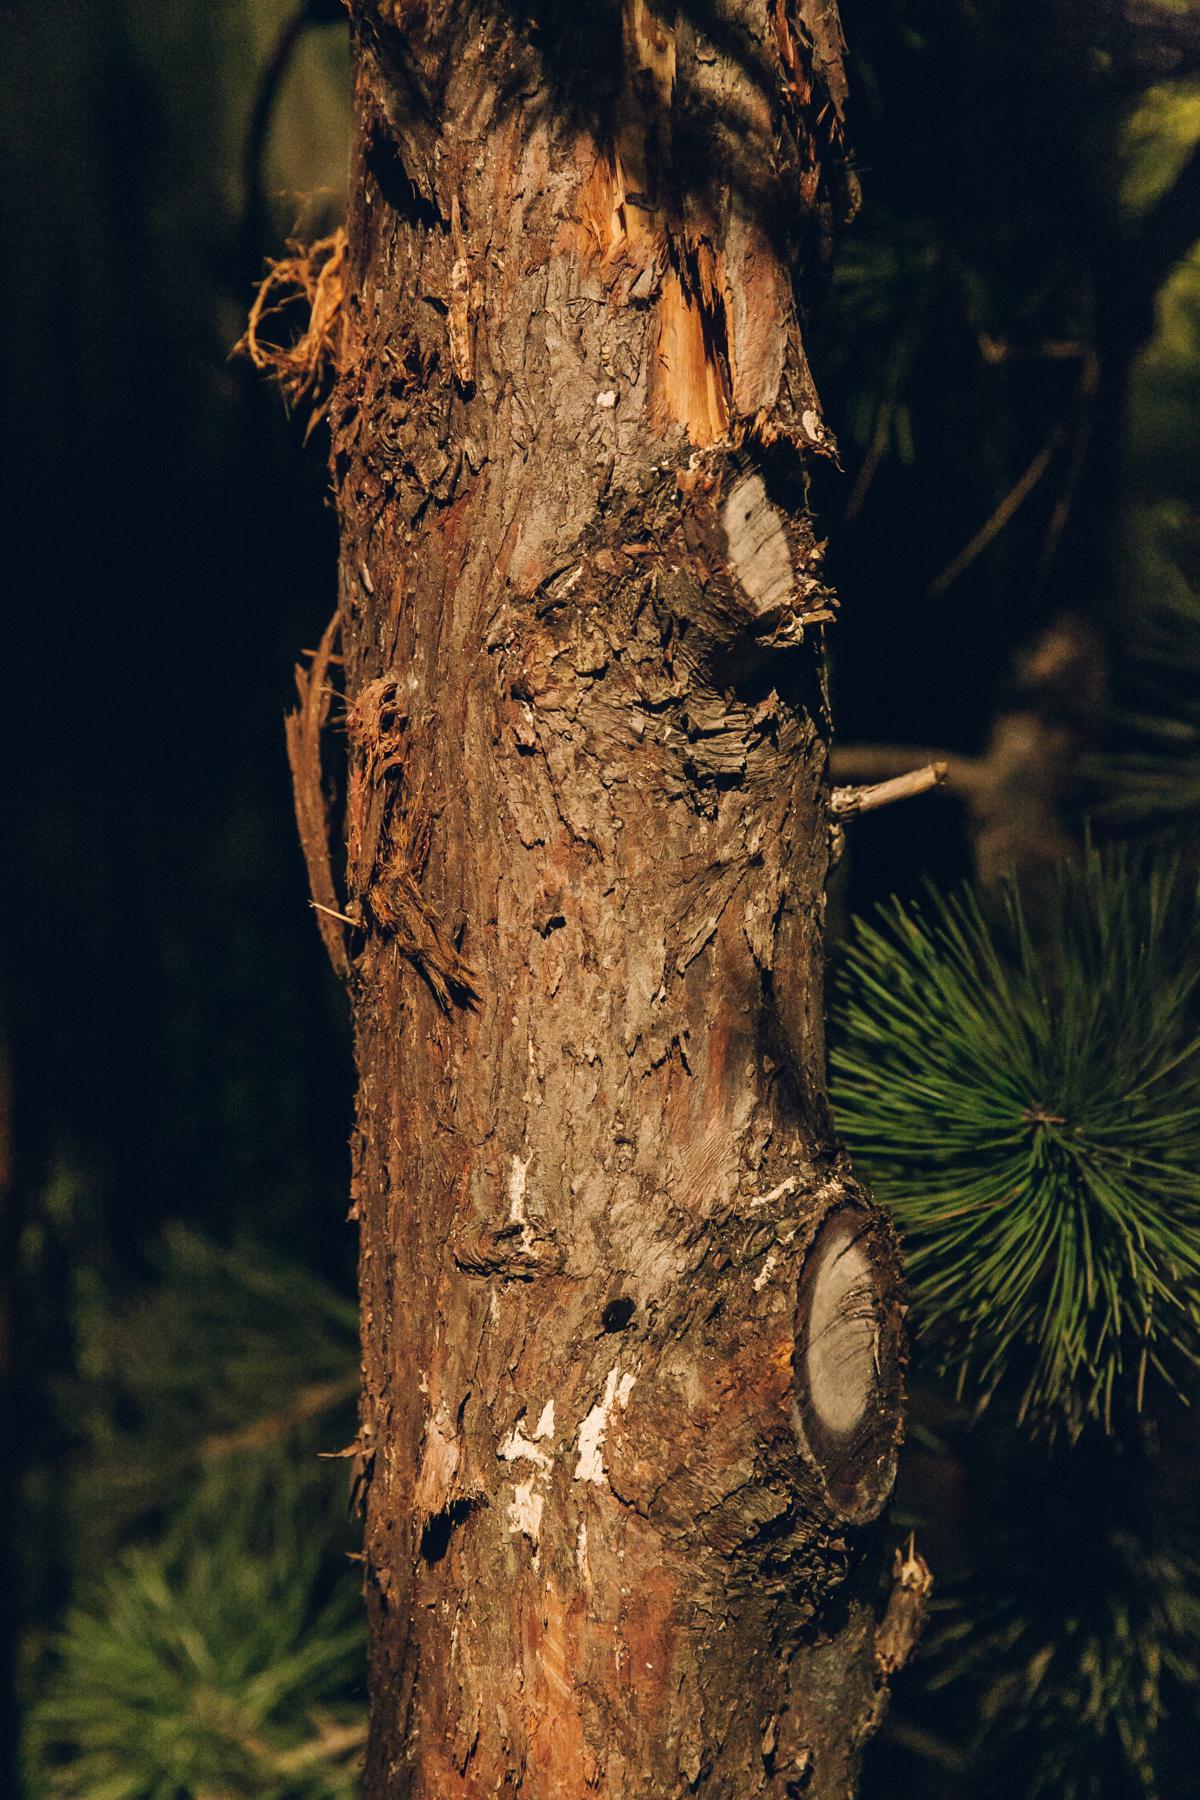 Tree textures in the dark.